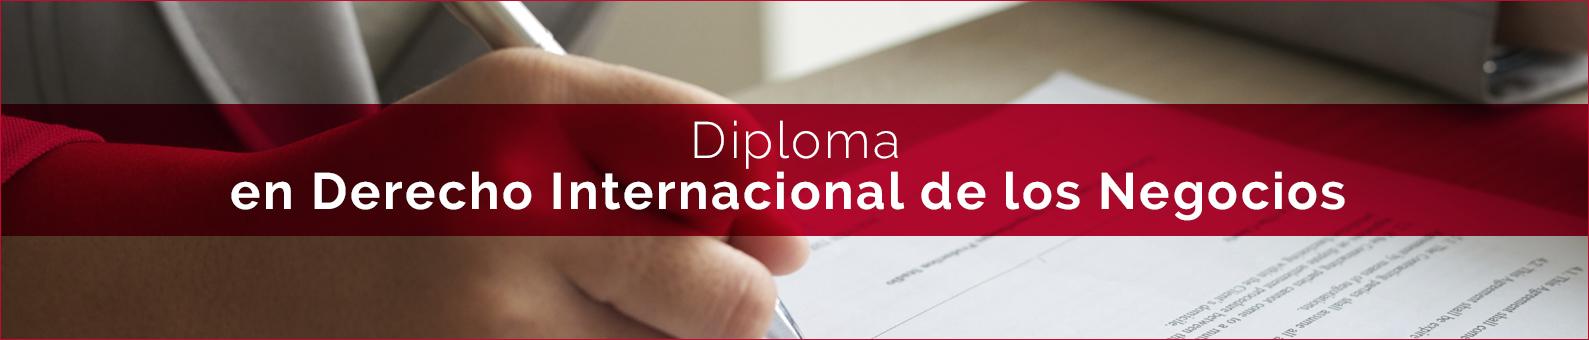 Diploma en Derecho Internacional de los Negocios